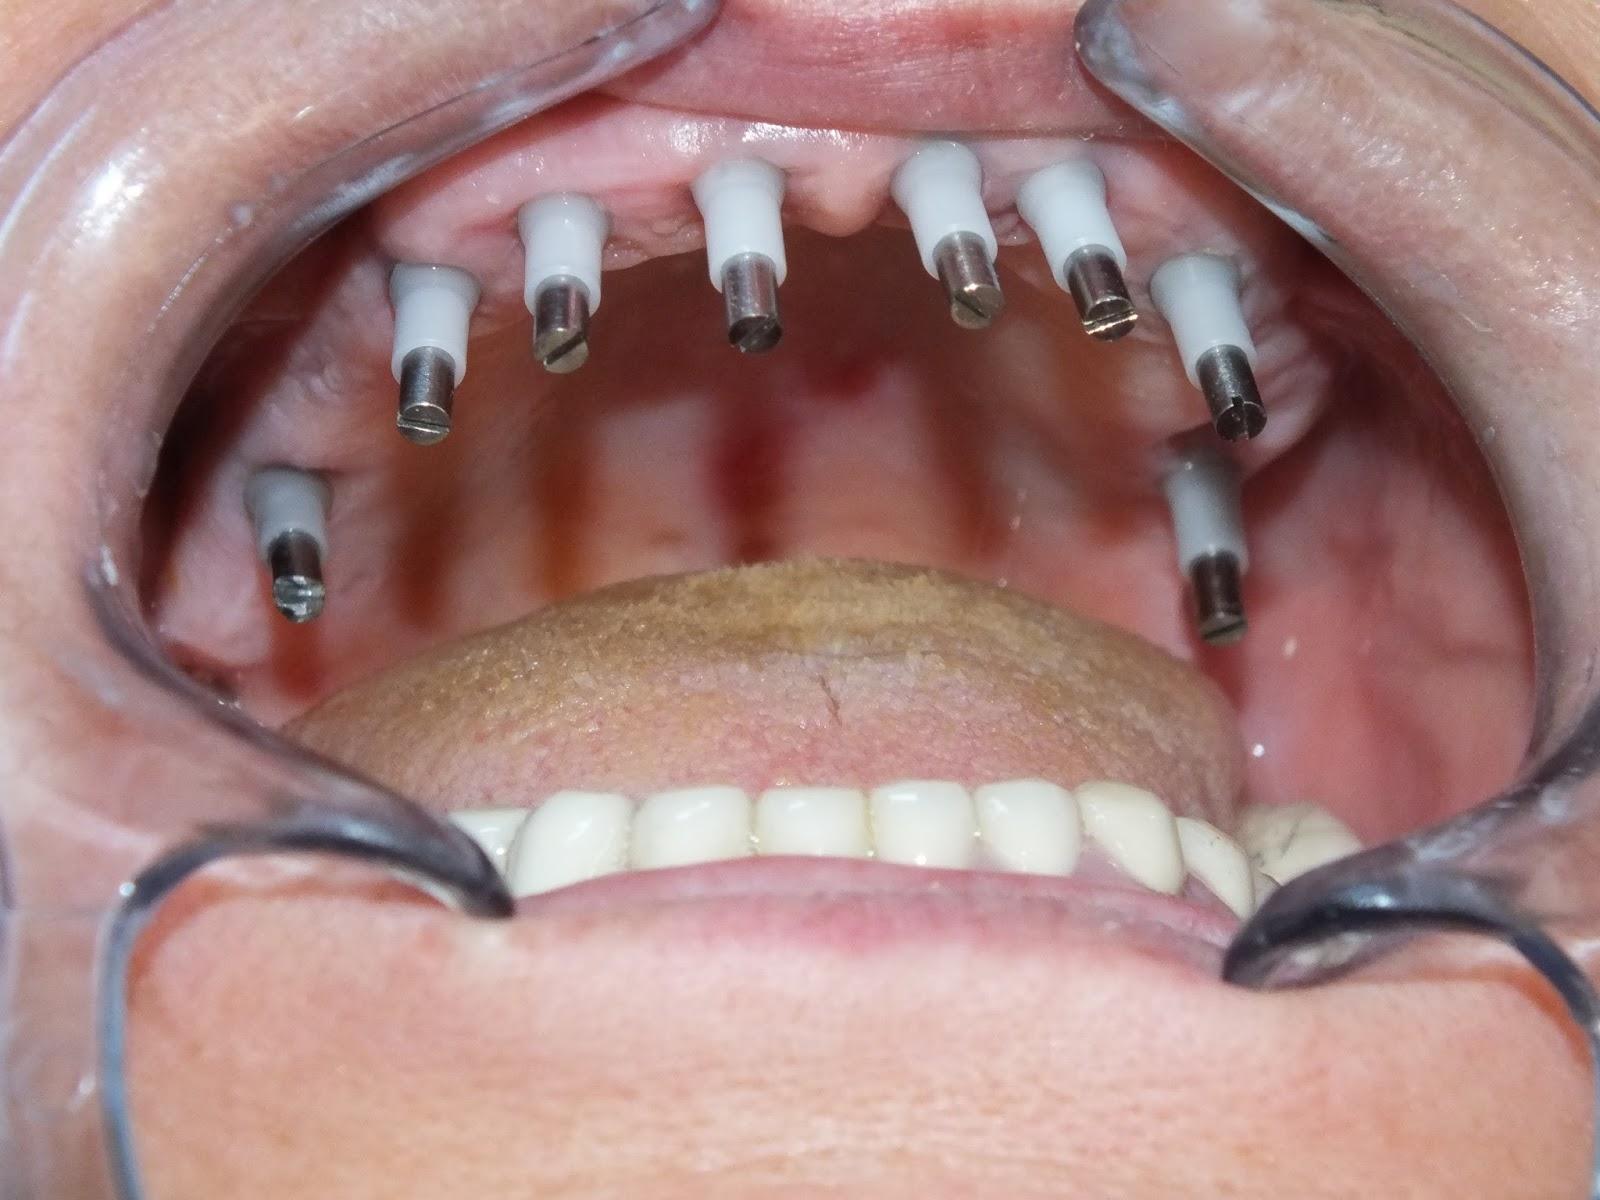 valium withdrawal symptoms dosespot dental implant